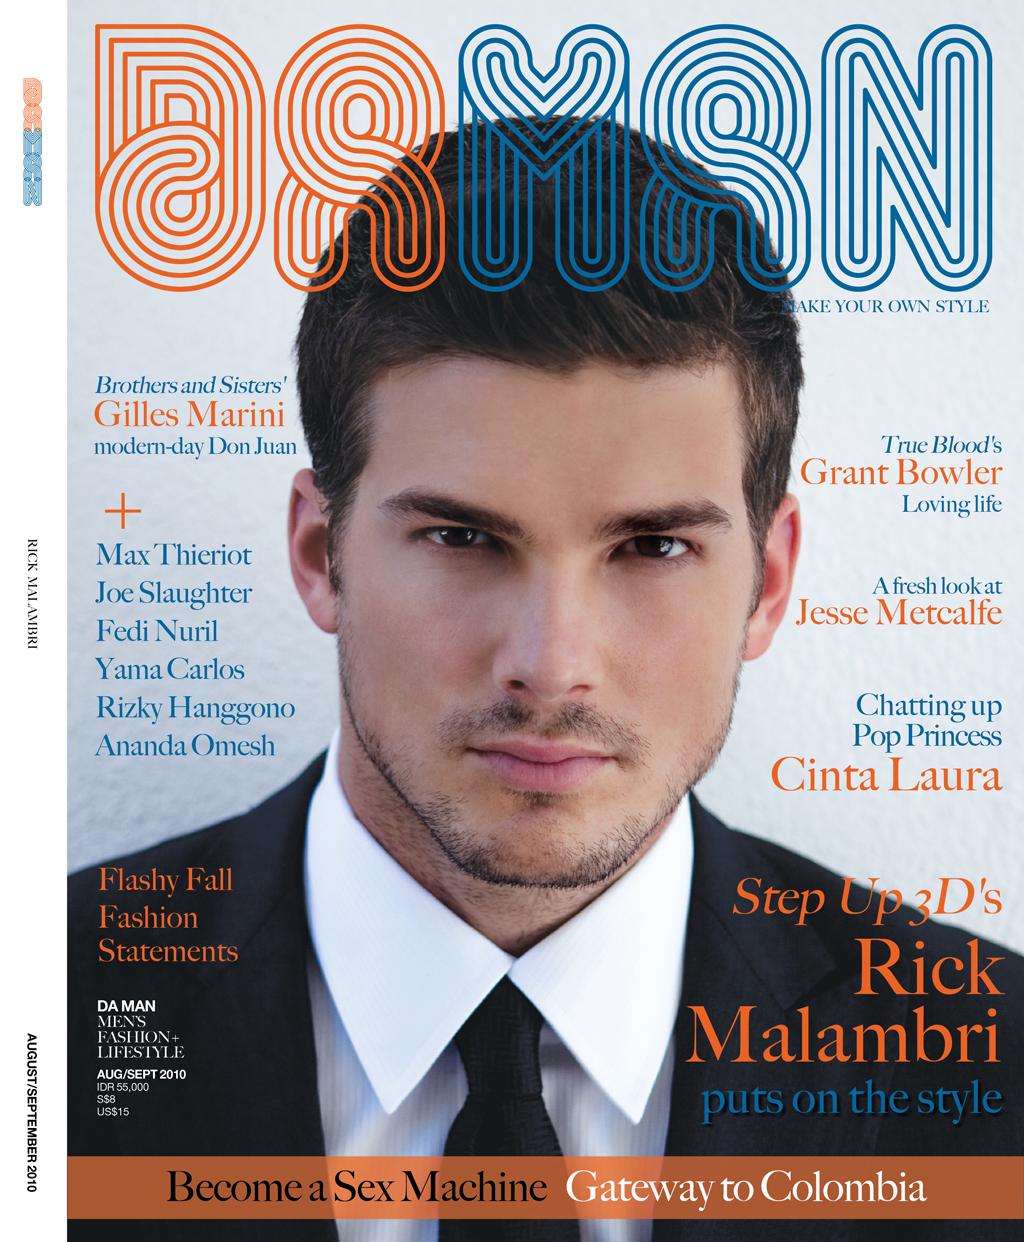 Cover DA MAN Aug/Sep 2010